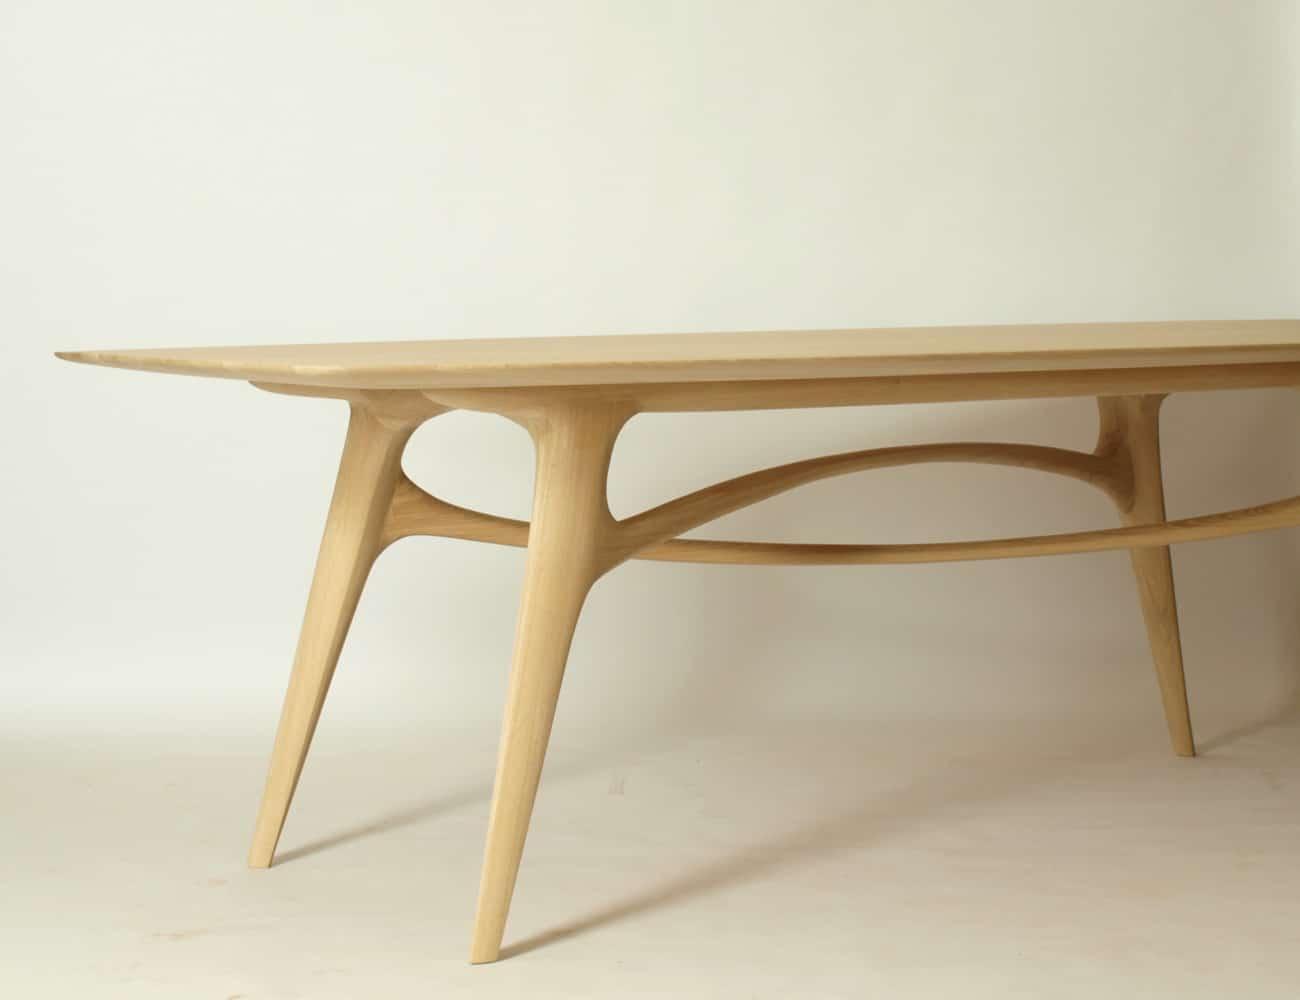 Die Bögen unter der Tischplatte laufen über kreuz